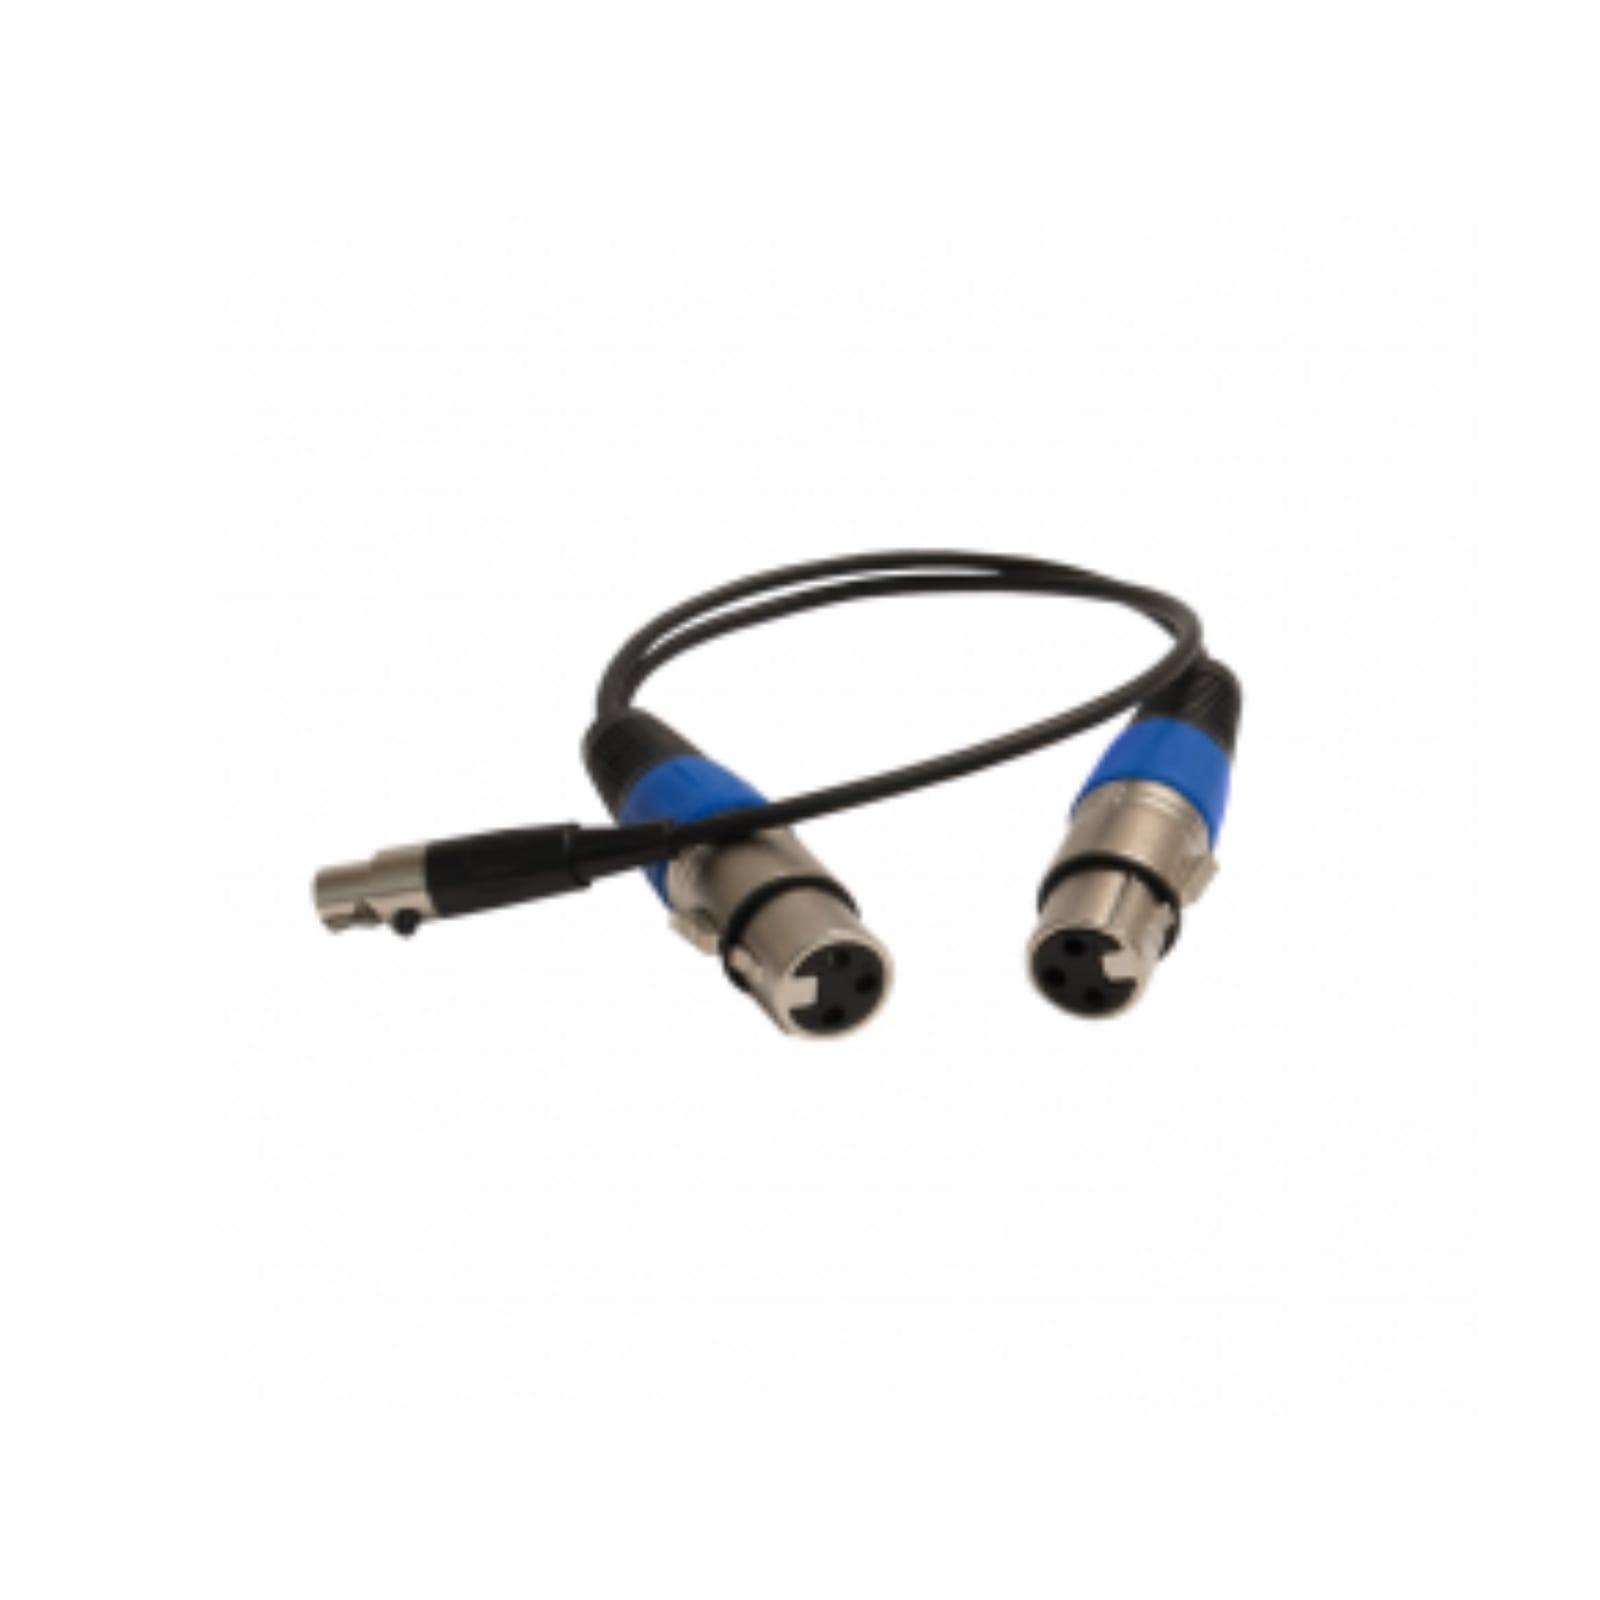 CBL114: 2 x 3-pin Male XLR to 5-pin Female Mini-XLR Cable